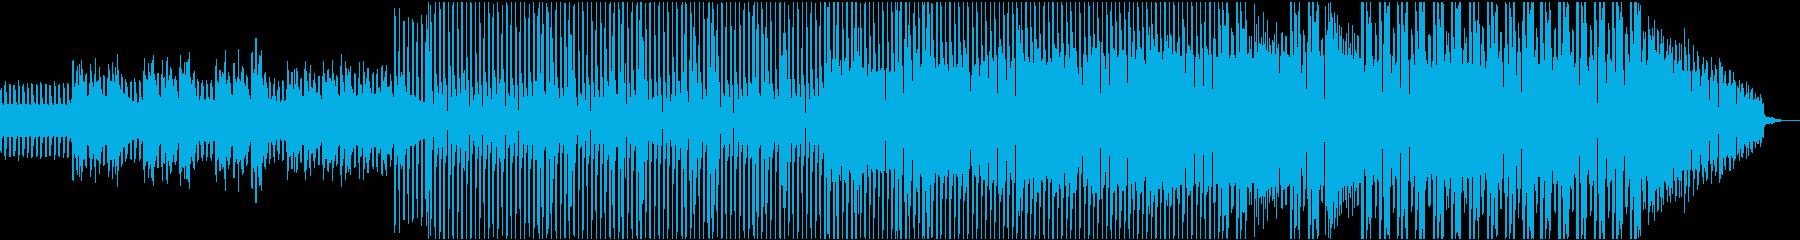 リズムが特徴的な楽曲の再生済みの波形